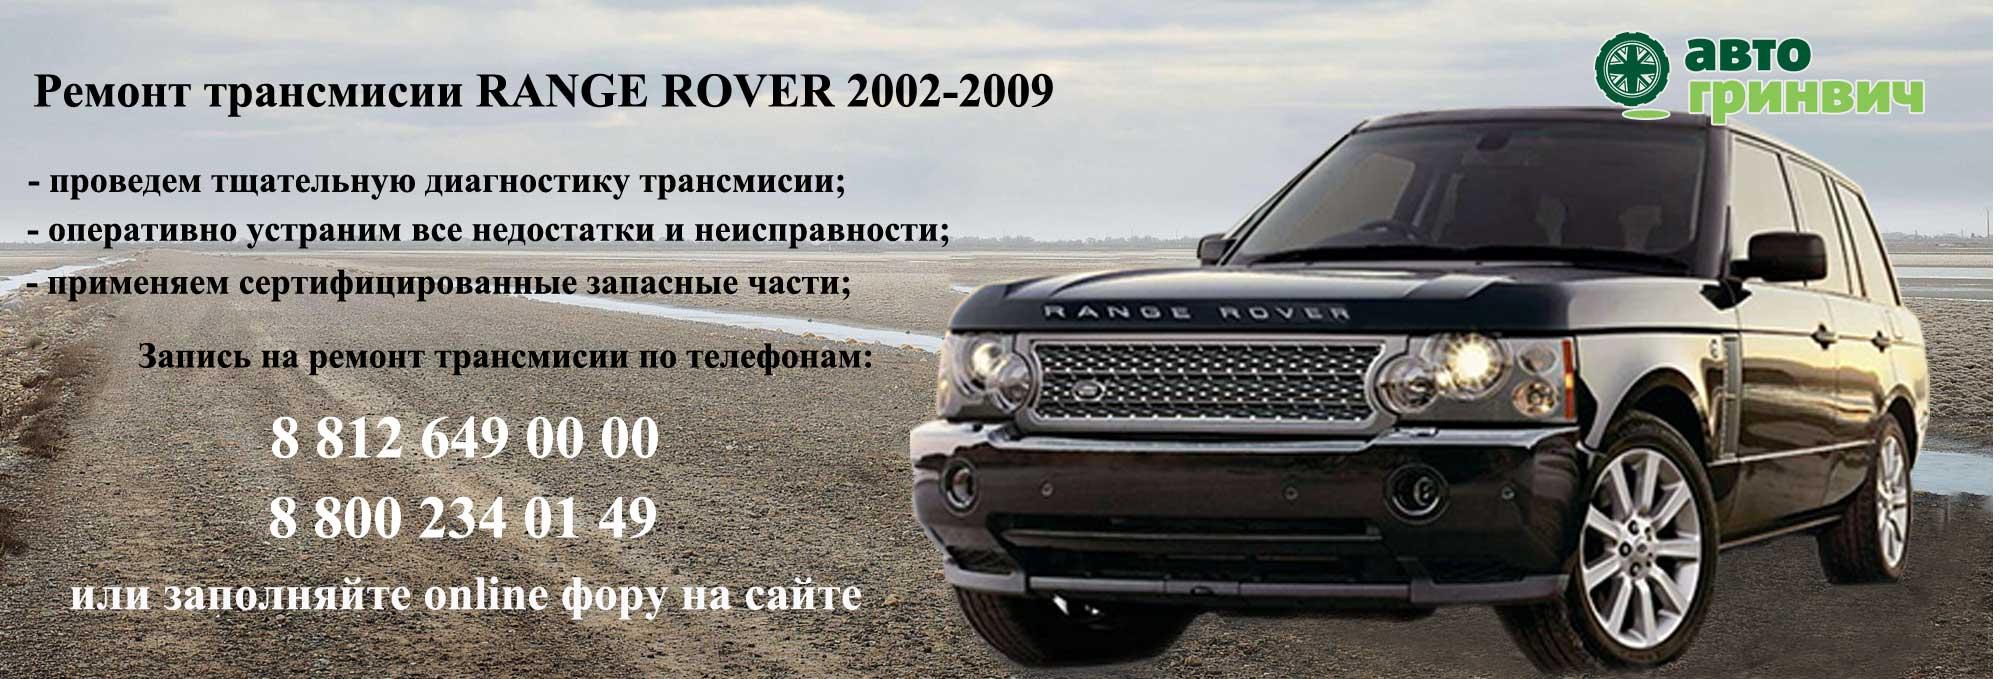 Ремонт трансмиссии Range Rover 2002-2009